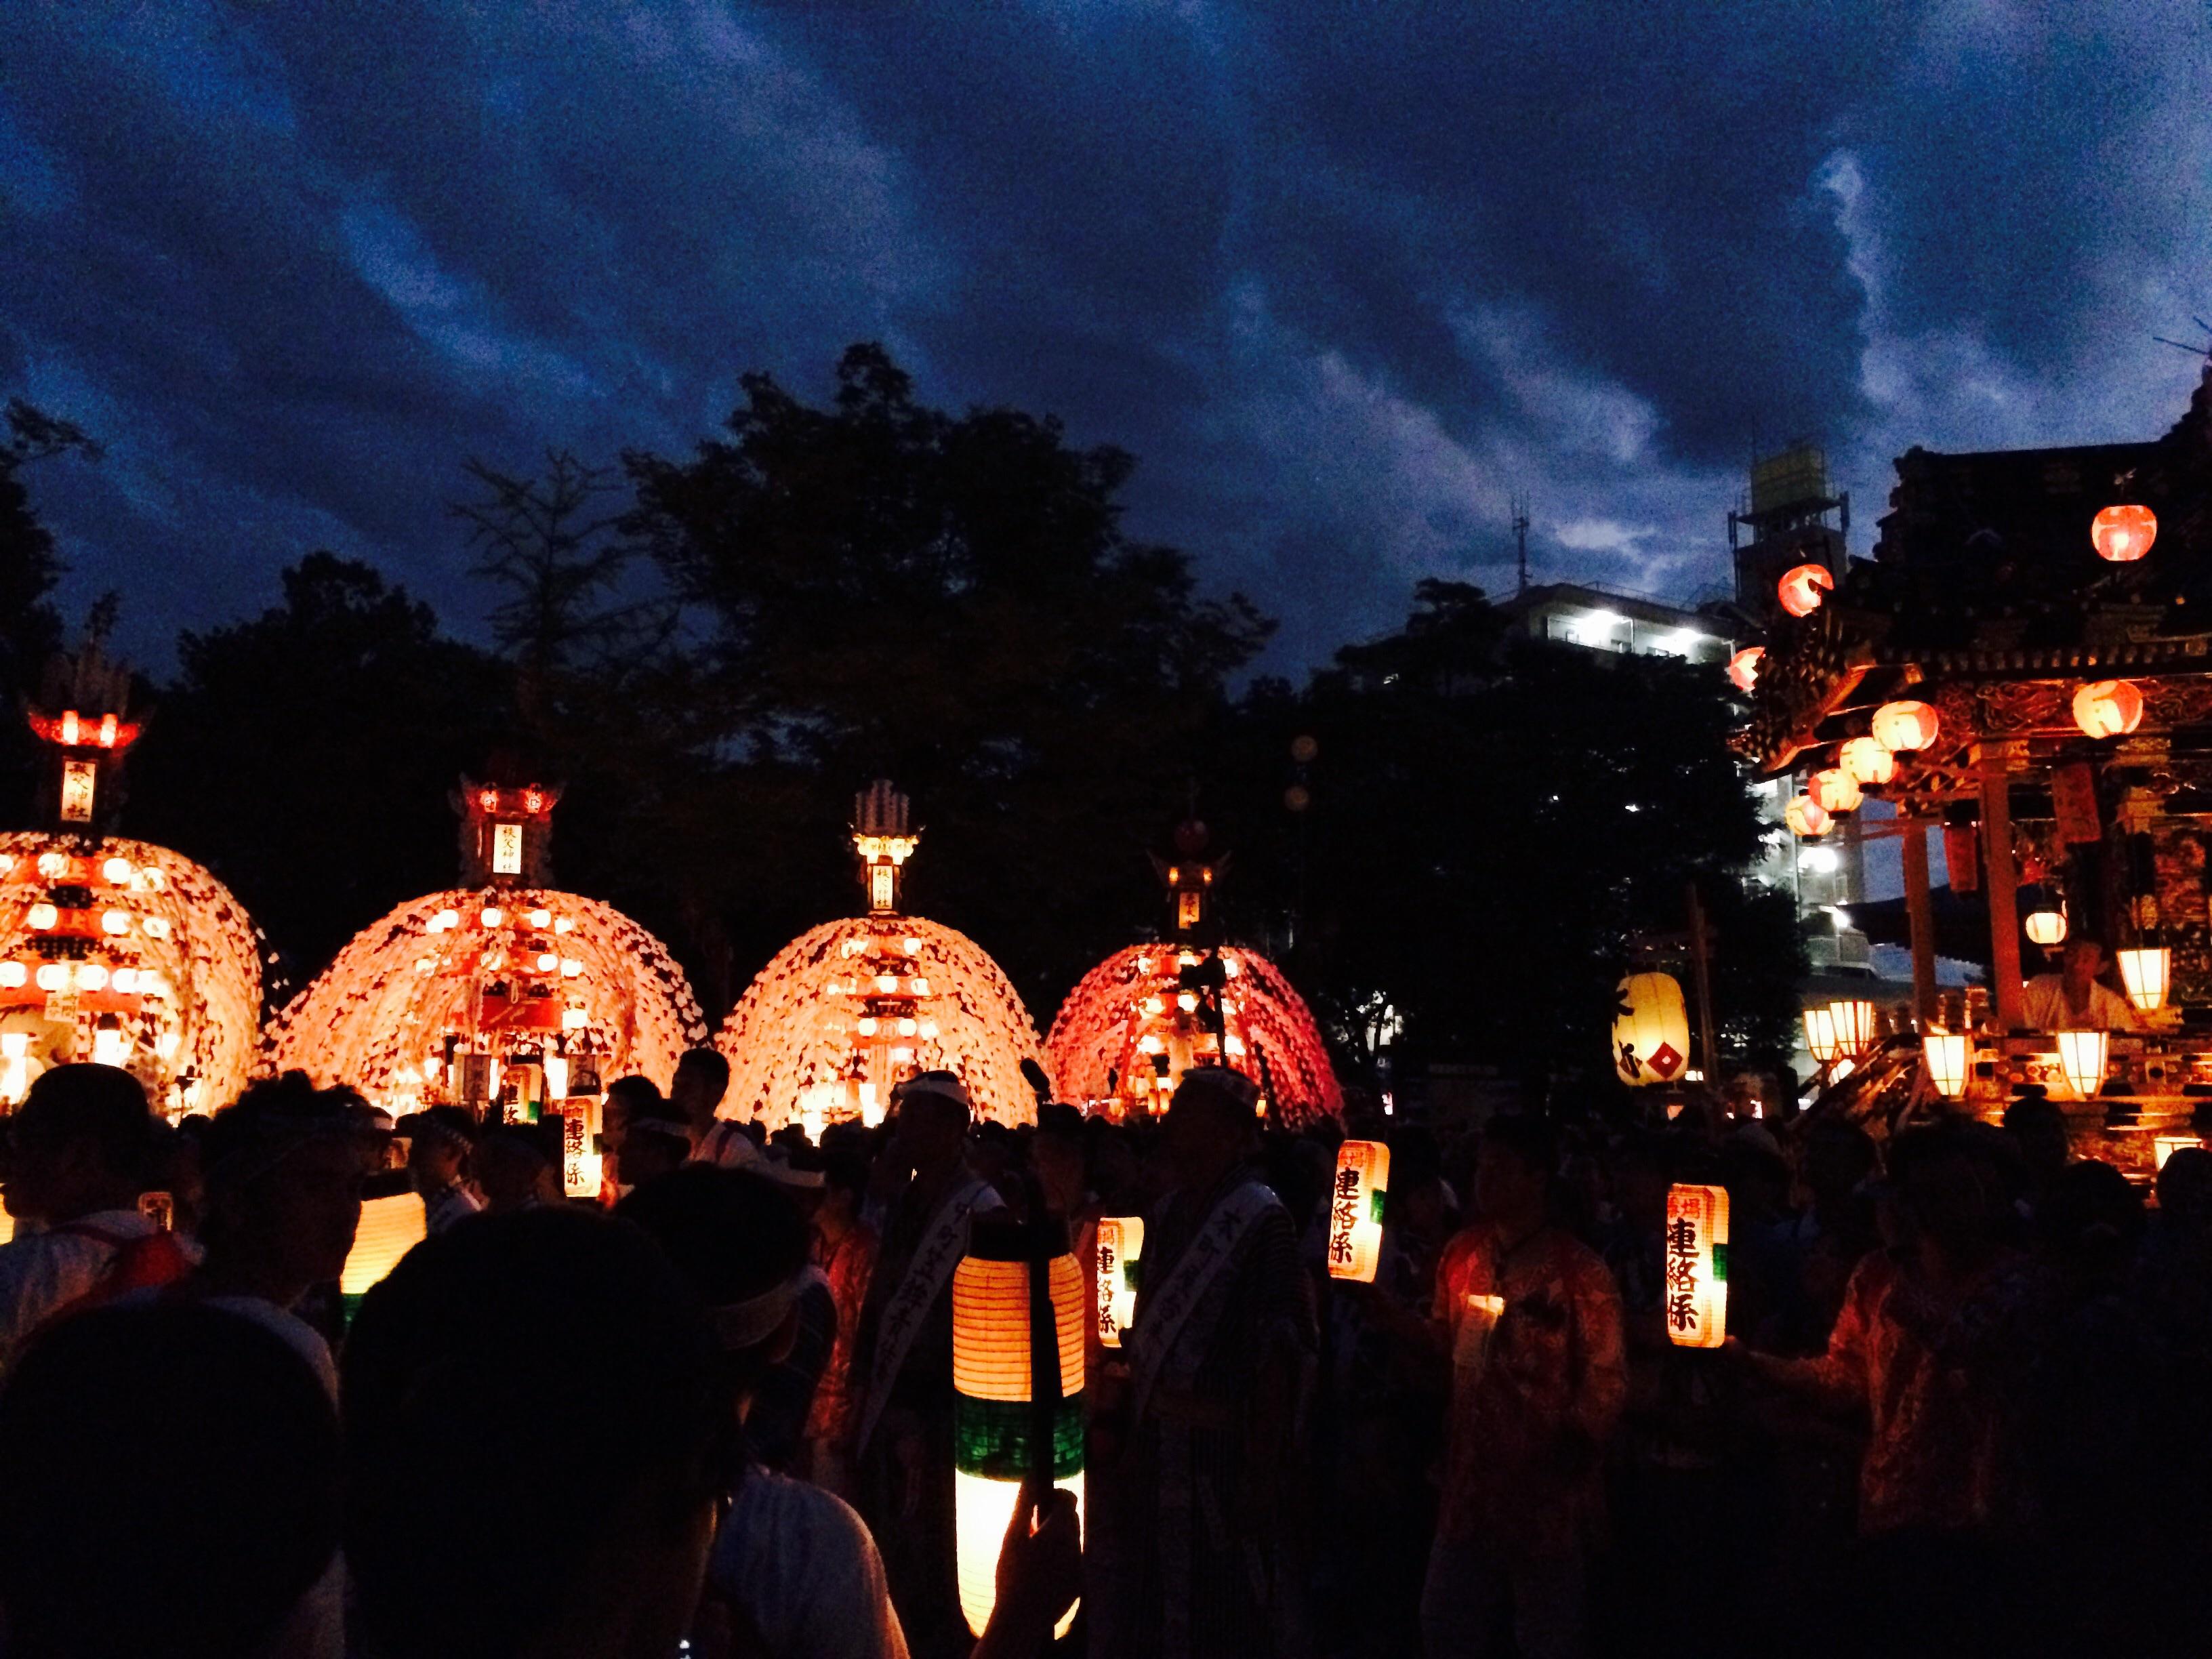 秩父川瀬祭の見どころと花火大会のスケジュール 2017